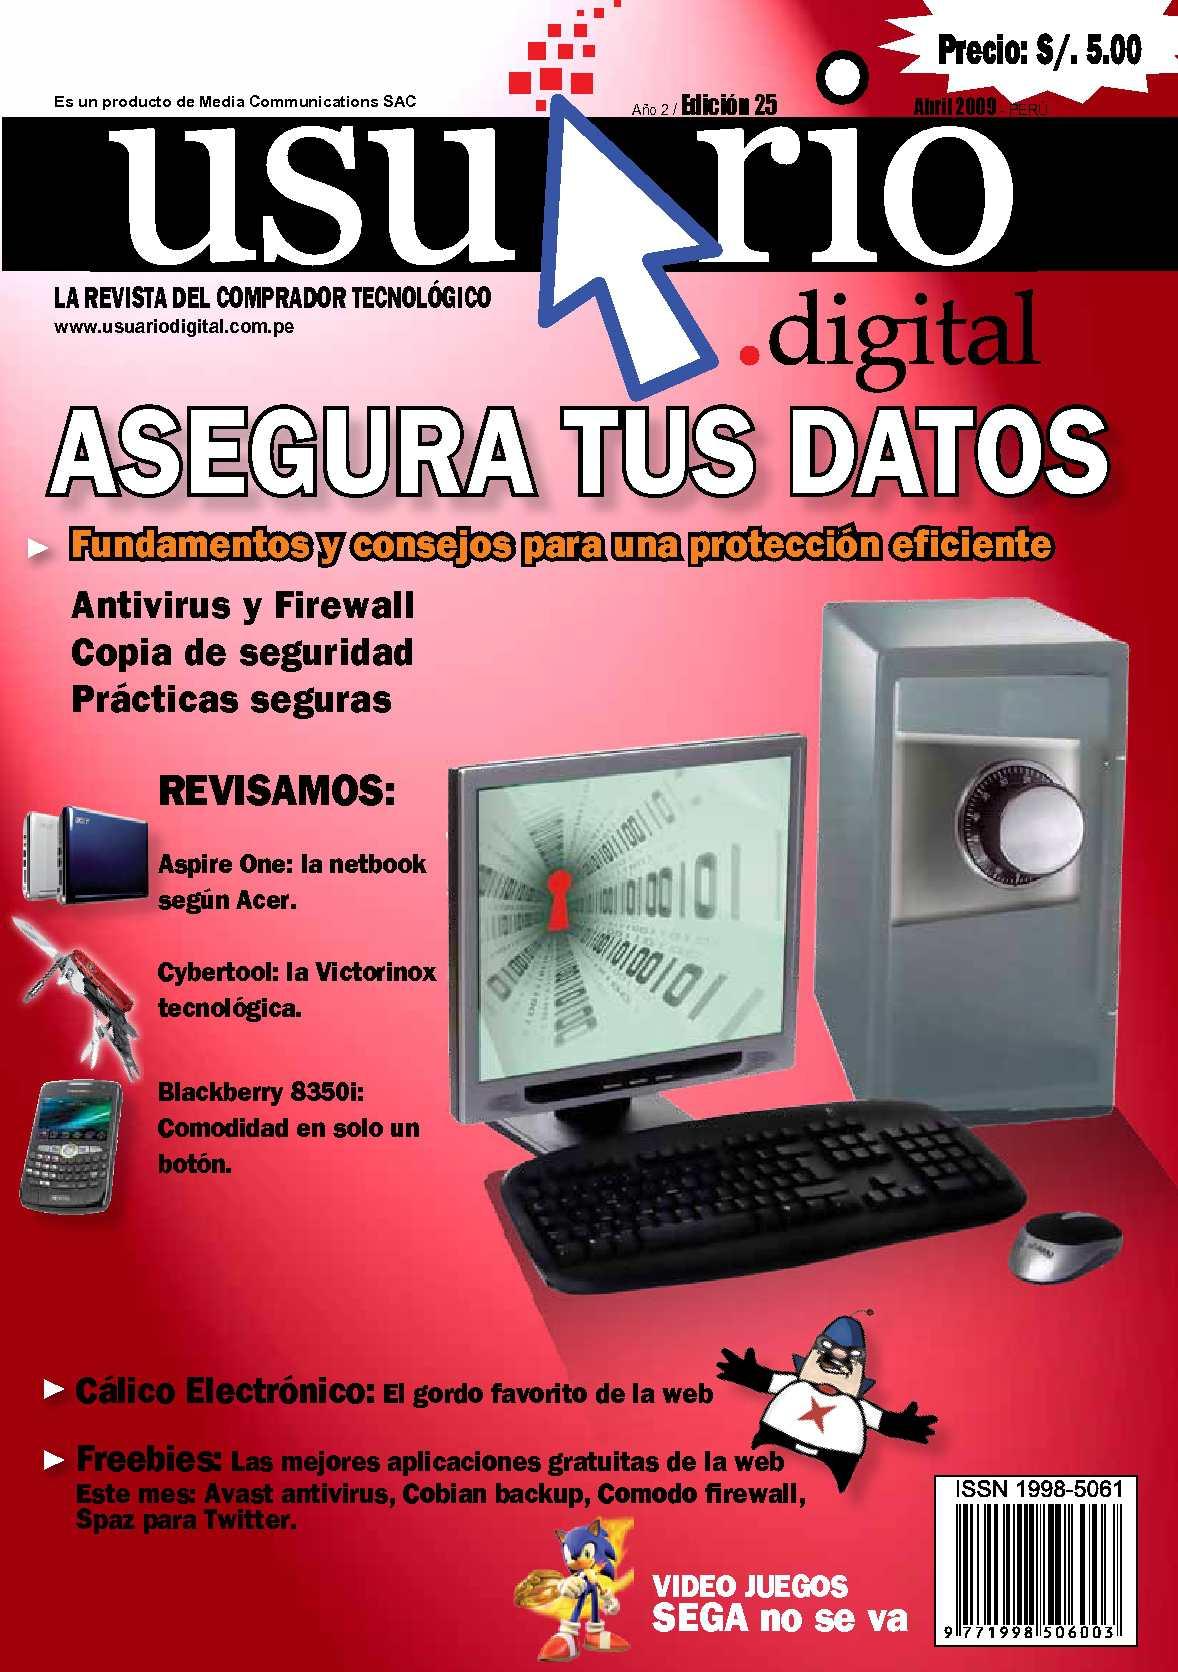 Calaméo - Usuario Digital